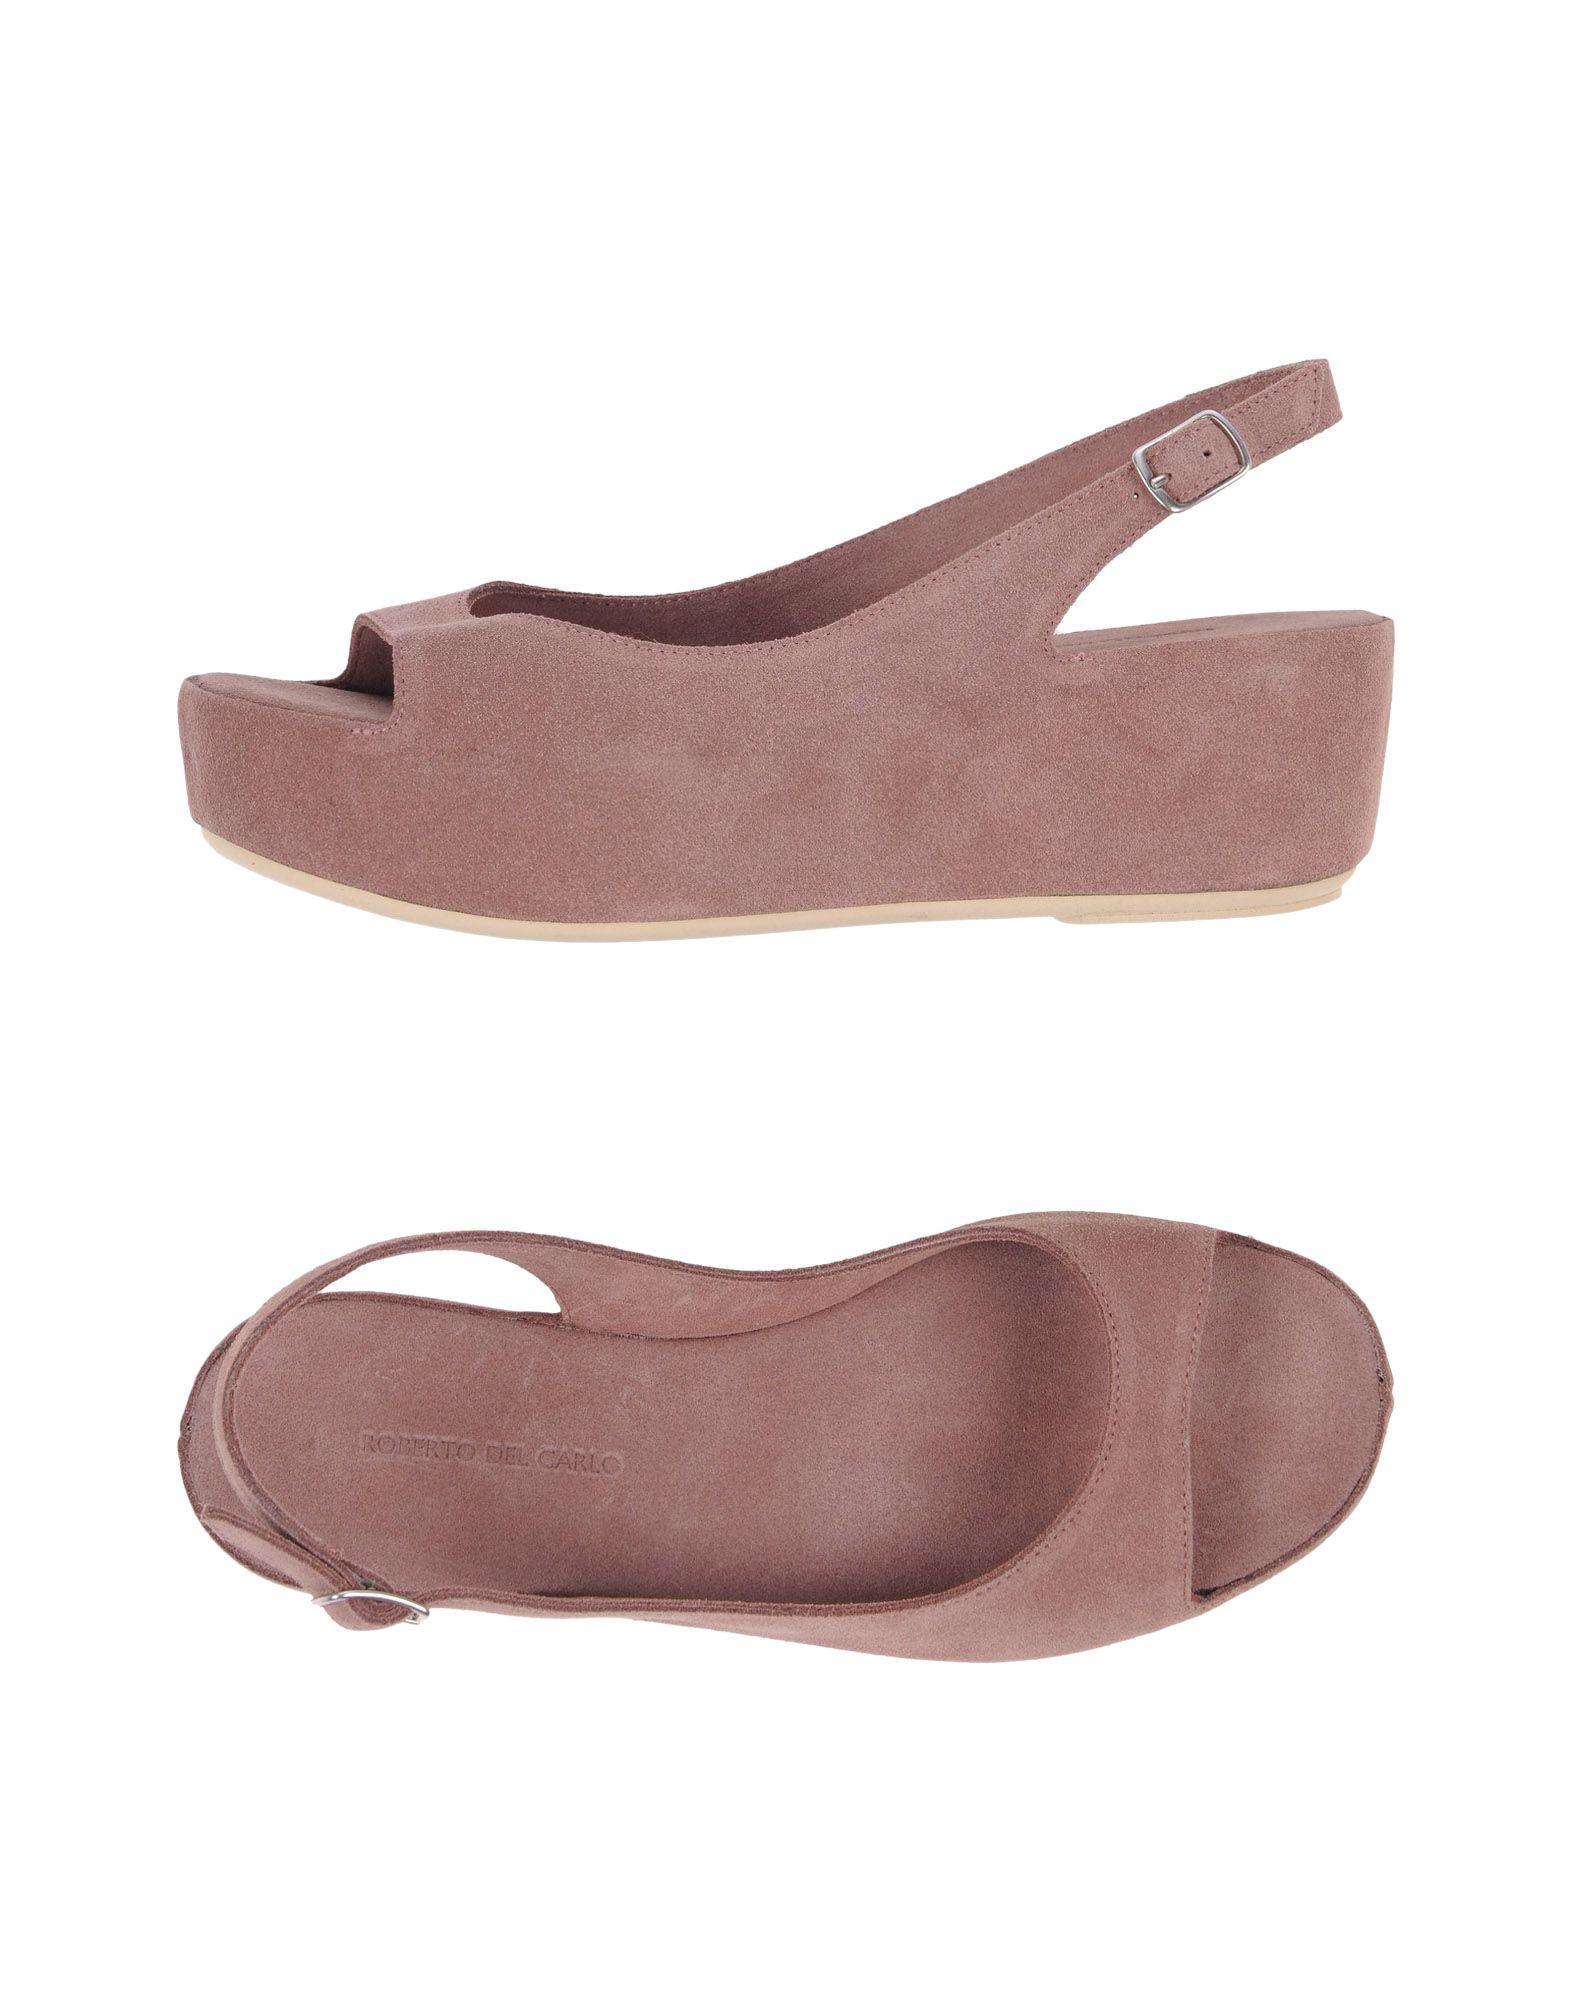 Roberto Del Carlo Sandalen Damen  11424597FXGut aussehende strapazierfähige Schuhe